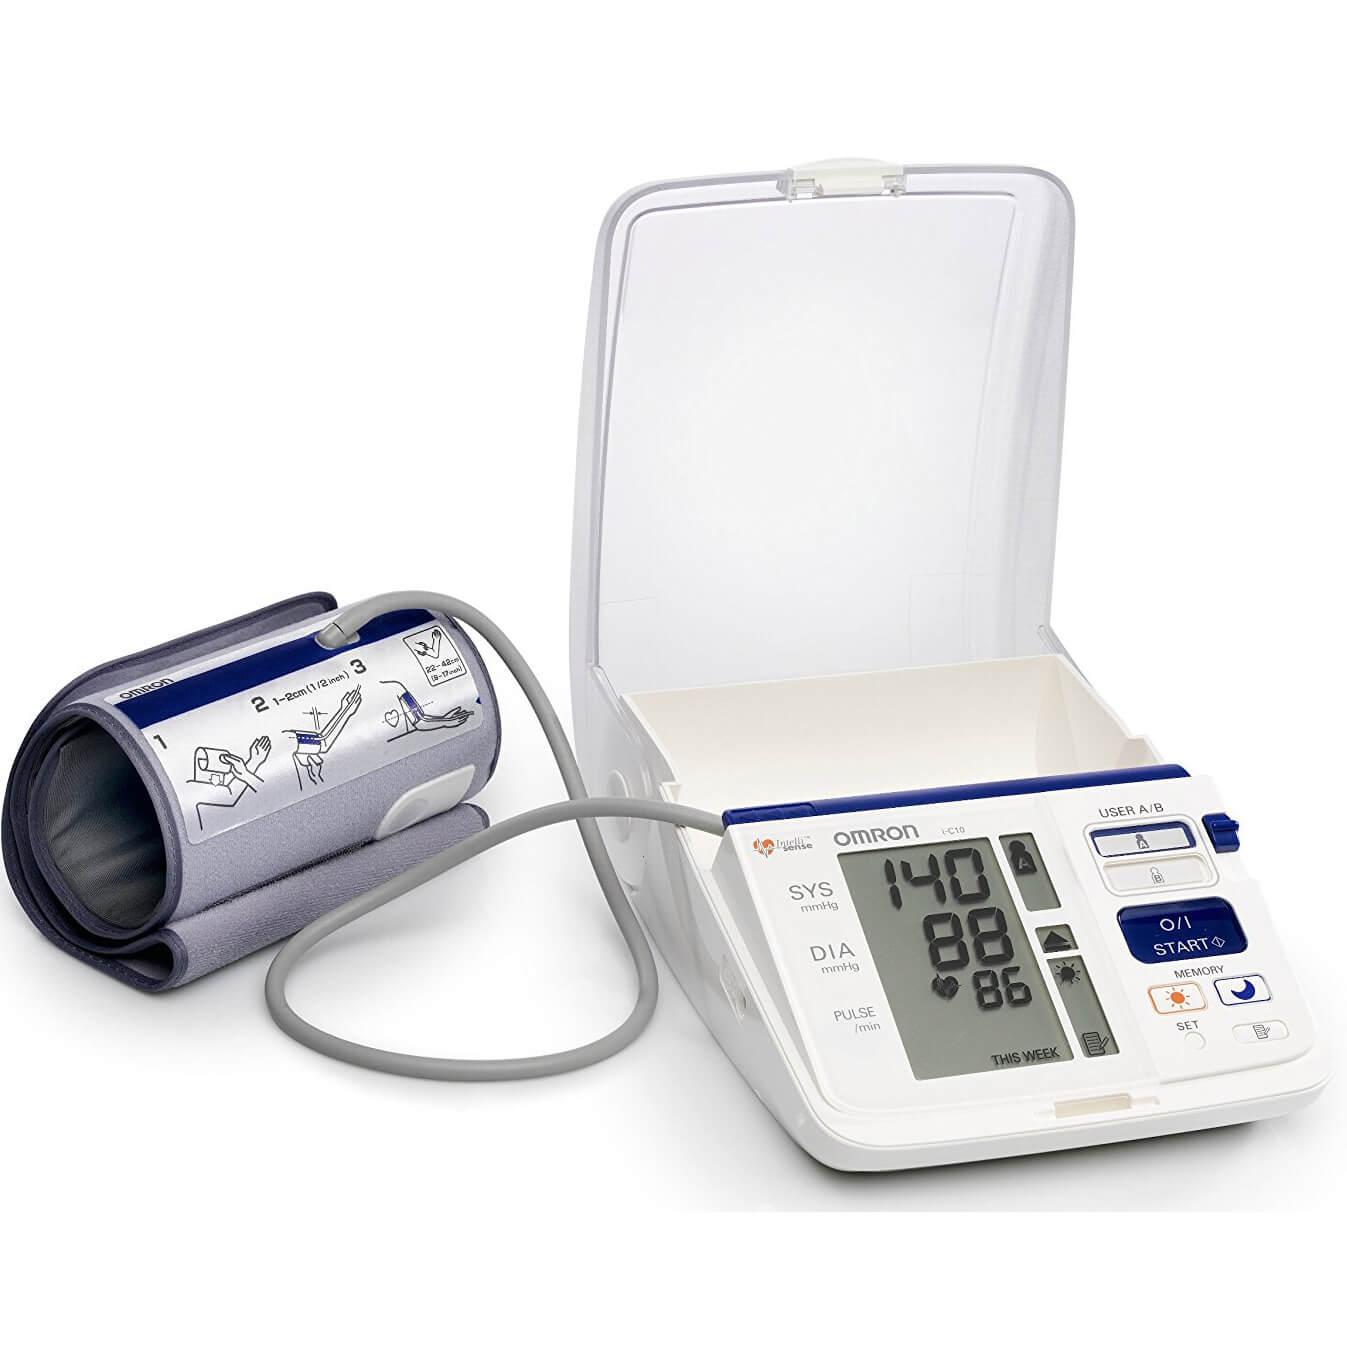 Omron i-C10 Υπεραυτόματο Πιεσόμετρο Μπράτσου φαρμακείο   πιεσόμετρα   θερμόμετρα   ηλεκτρικές συσκευές   πιεσόμετρα